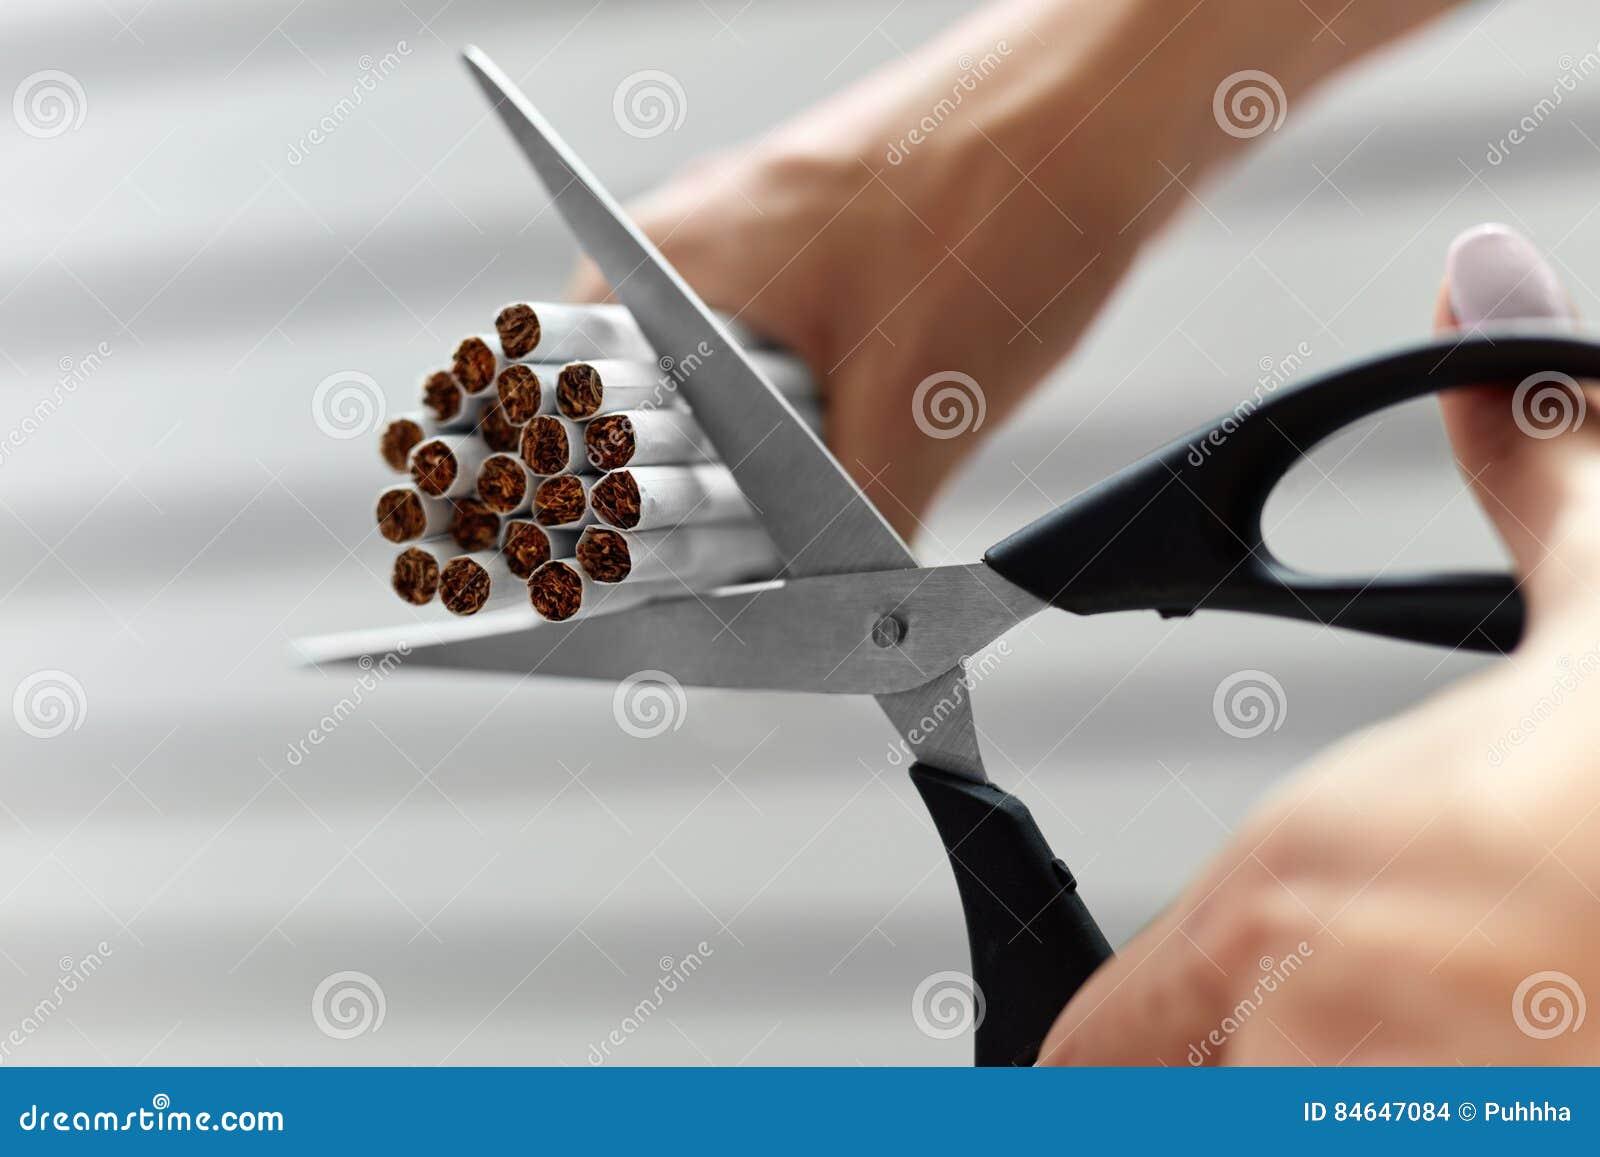 Quittez l image contre le tabac rendue par Smoking Le plan rapproché de la femme remet des cigarettes de coupe